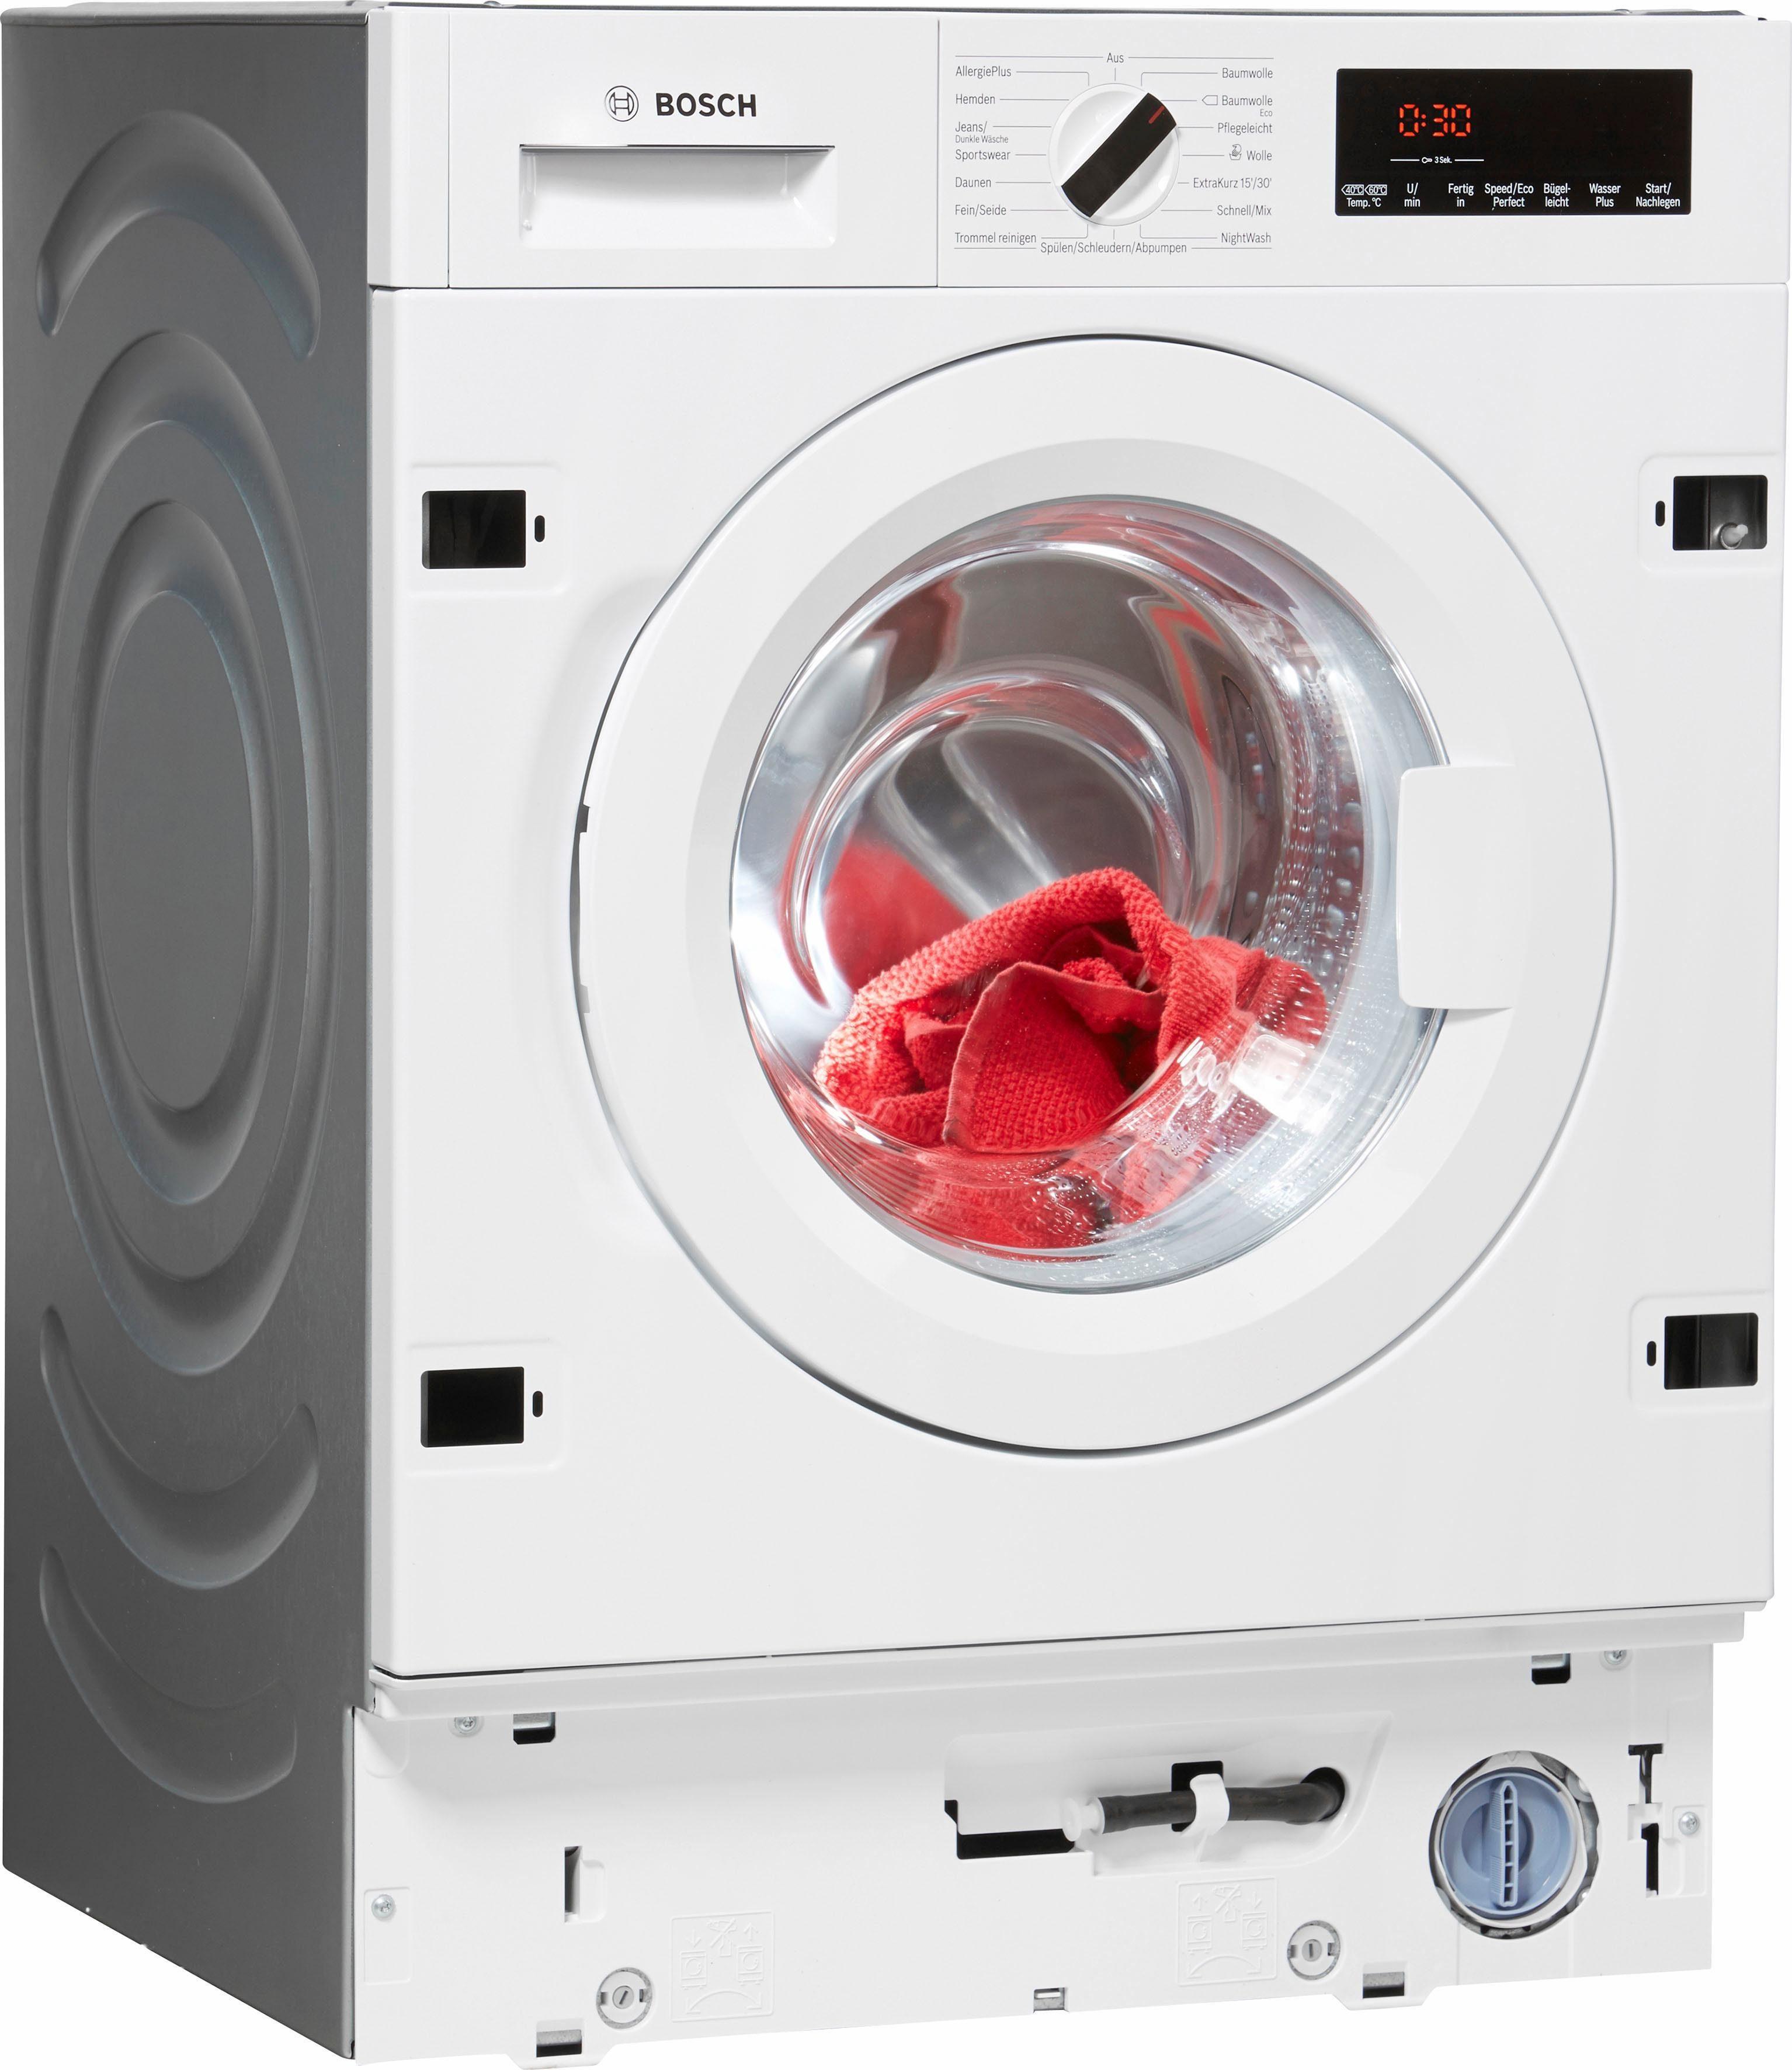 Bosch Waschmaschine Wiw28440 8 Kg 1400